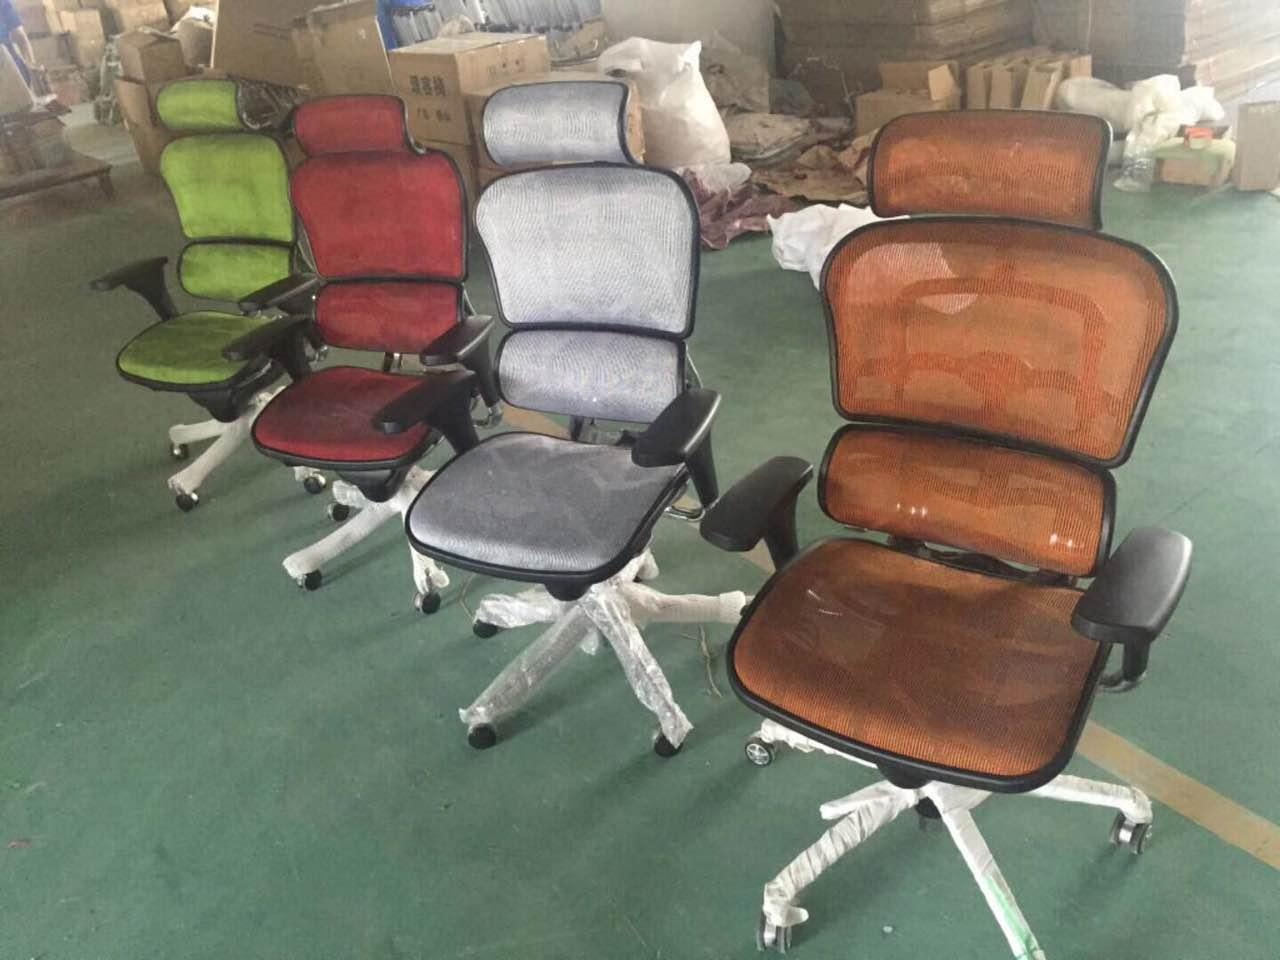 La ce trebuie să fim atenți atunci când cumpărăm scaune ergonomice de pe internet, și de la cine 1